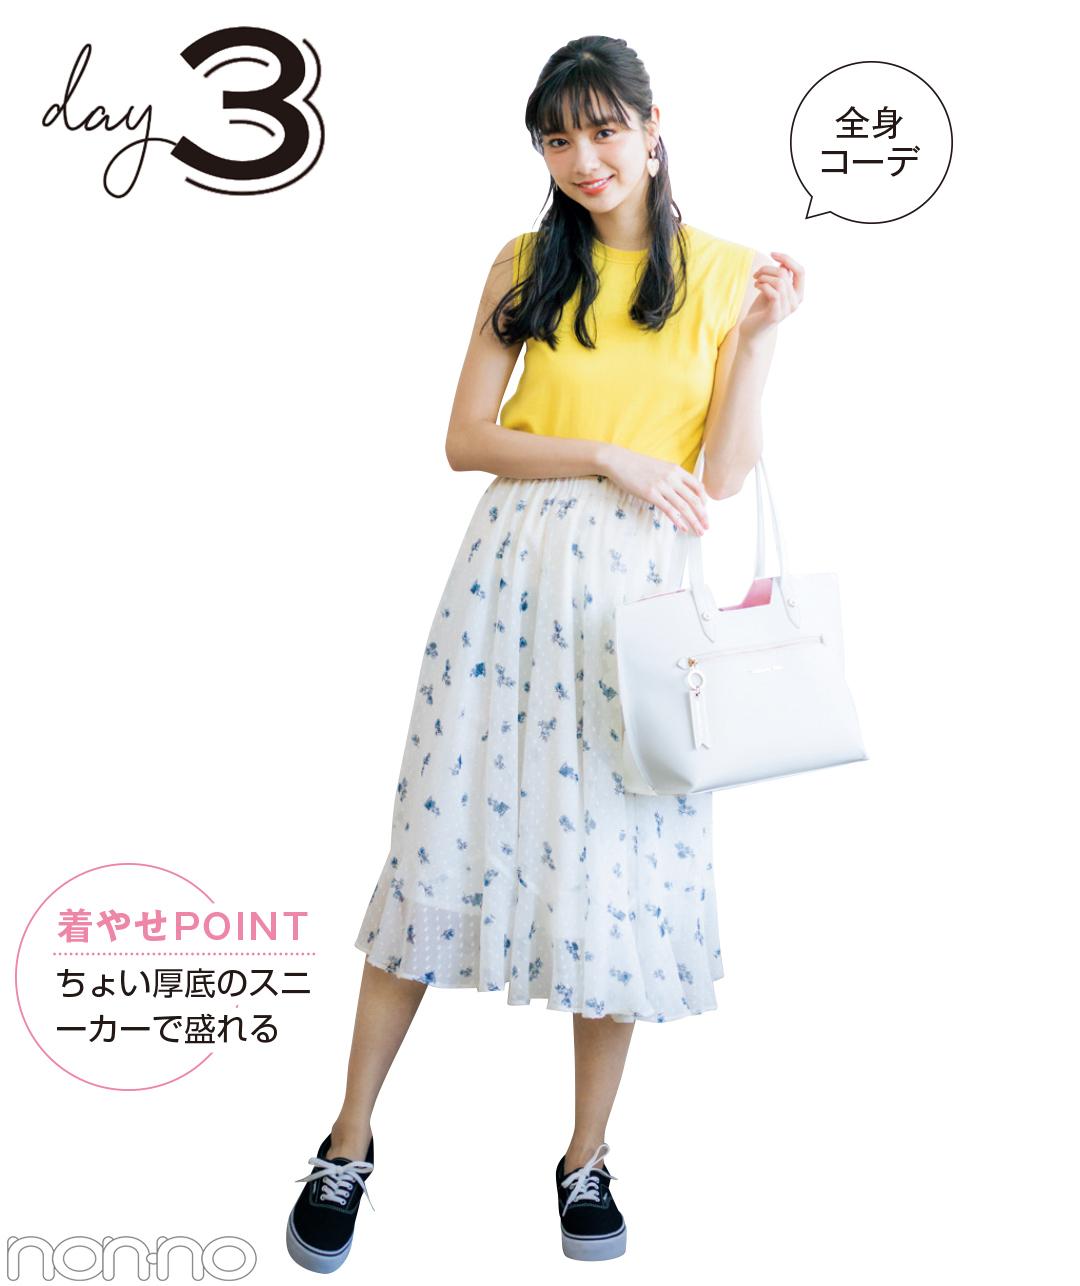 【夏のスニーカーコーデ】新川優愛の夏っぽイエローがまぶしいバランスUPコーデ!